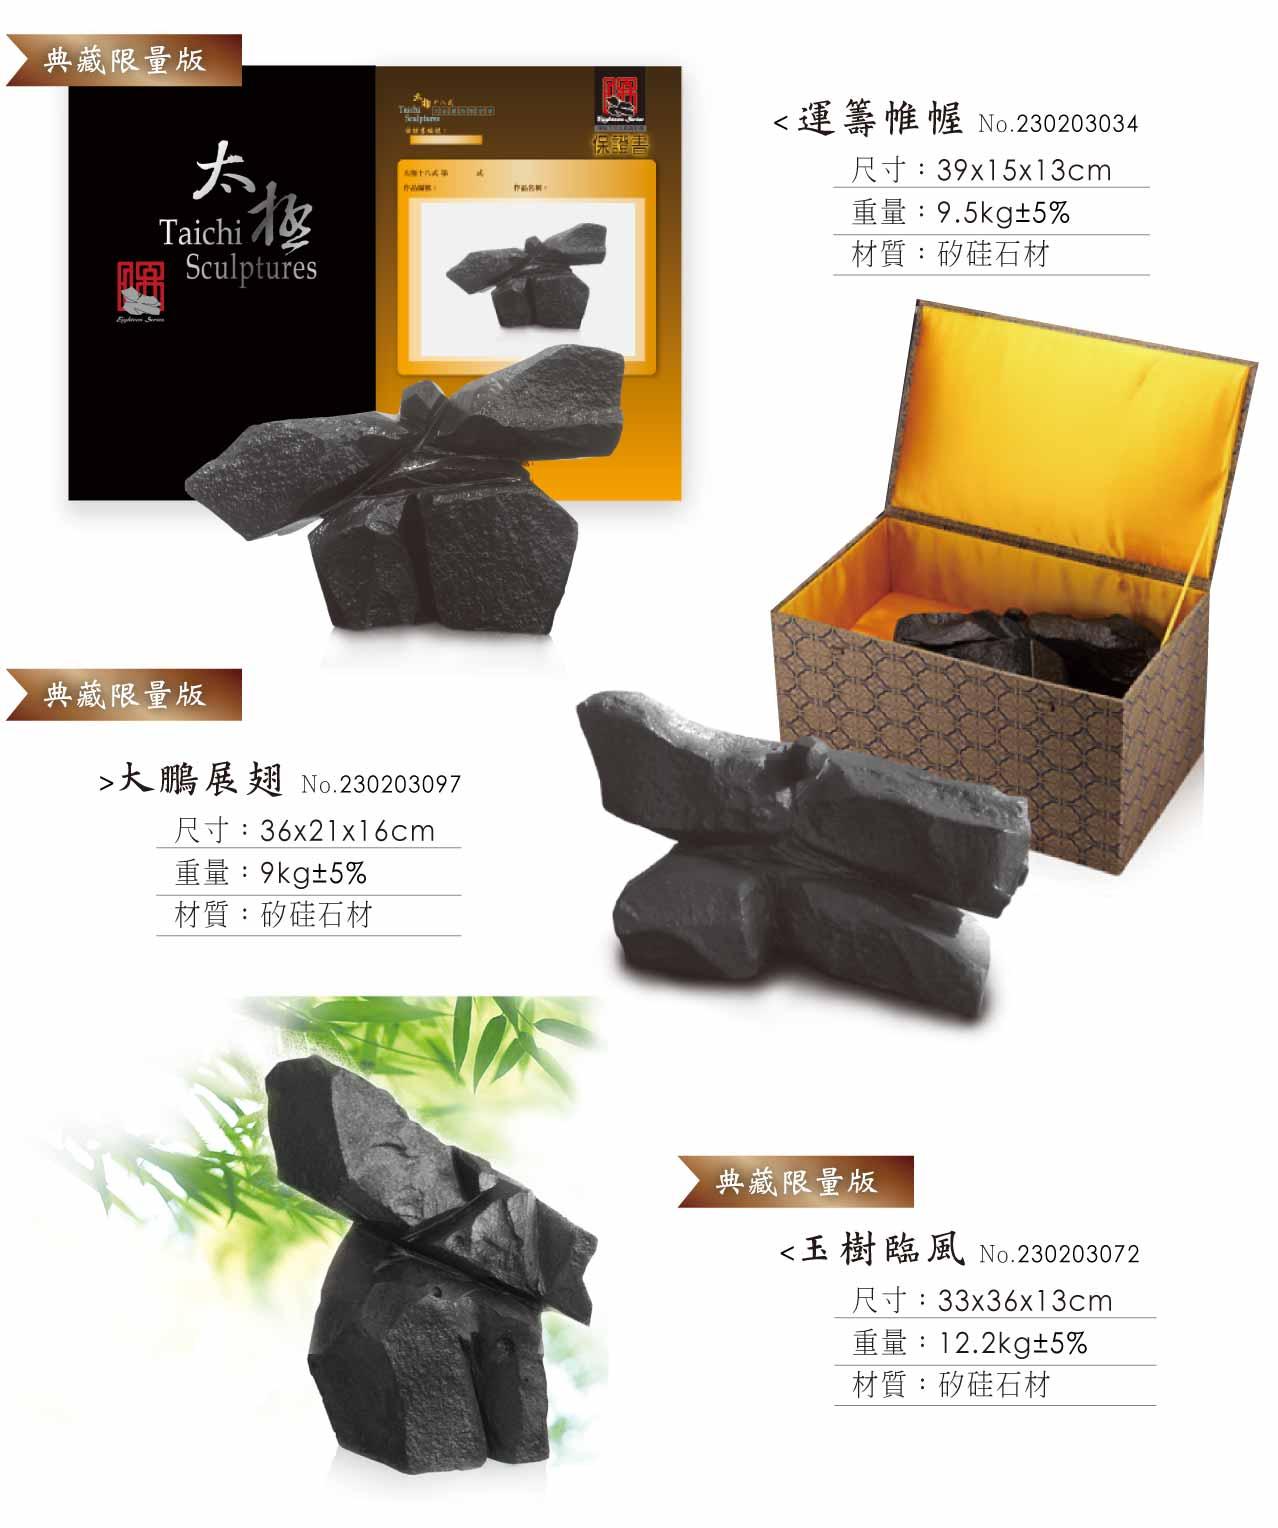 矽硅石大-01